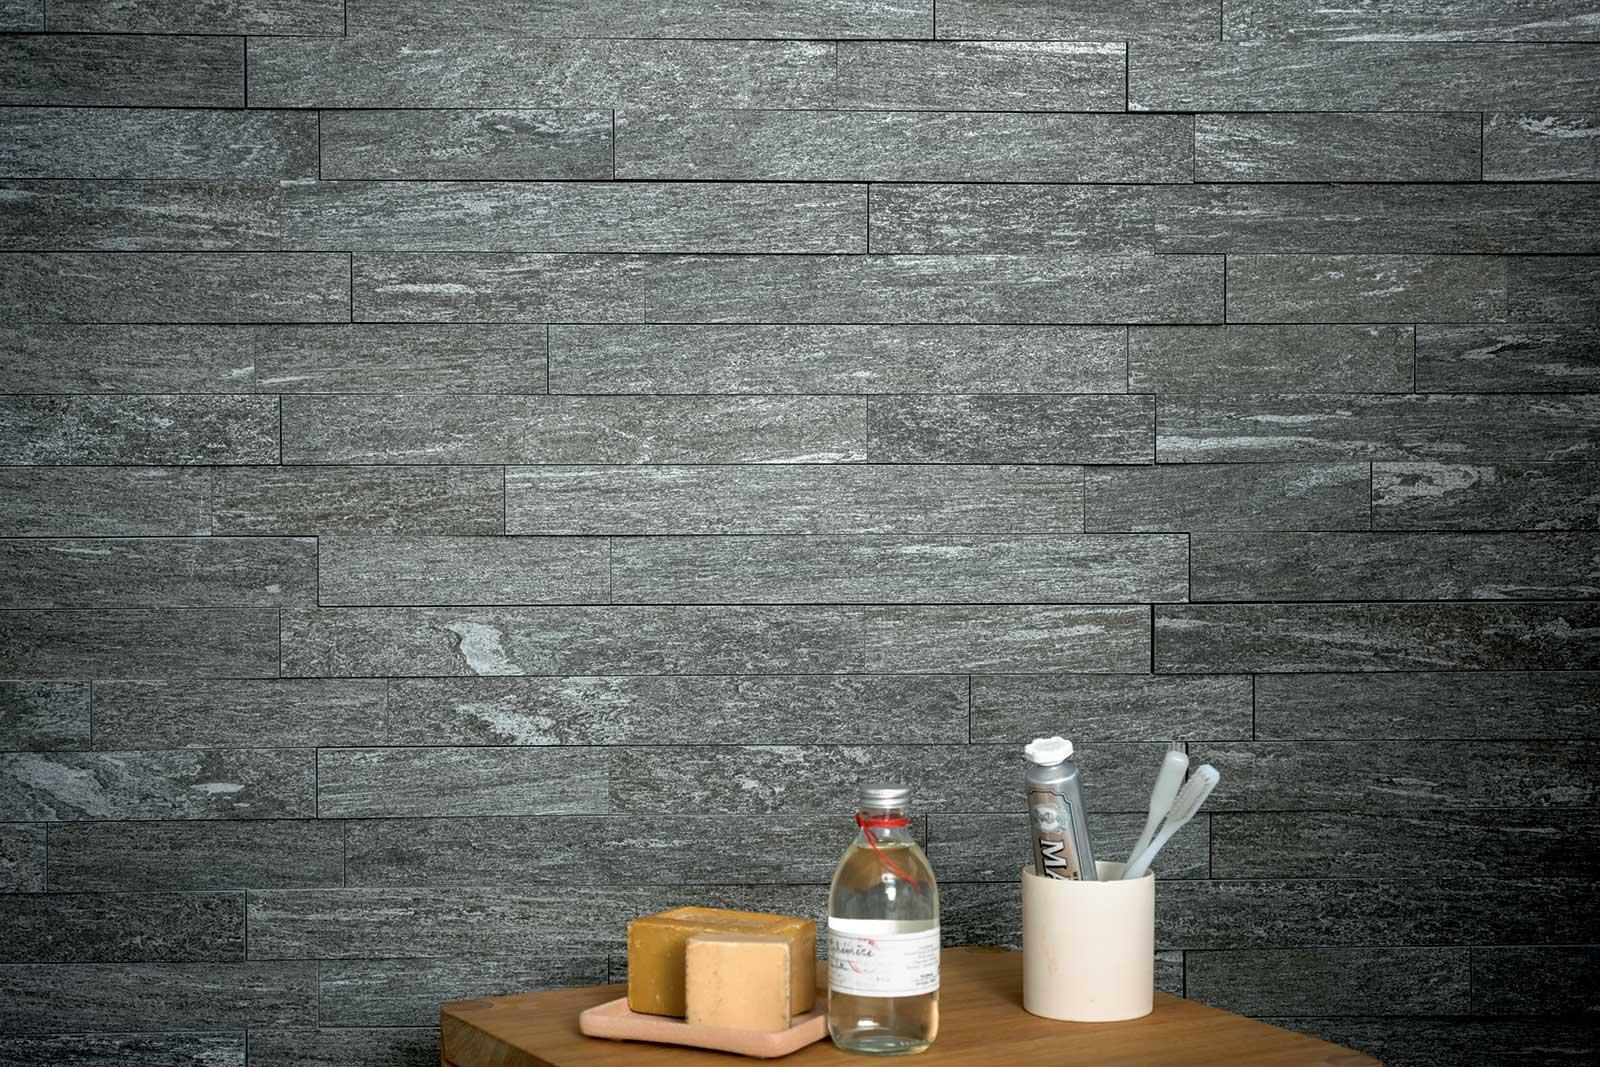 Mattonelle per bagno ceramica e gres porcellanato marazzi - Rimuovere cemento da piastrelle ...